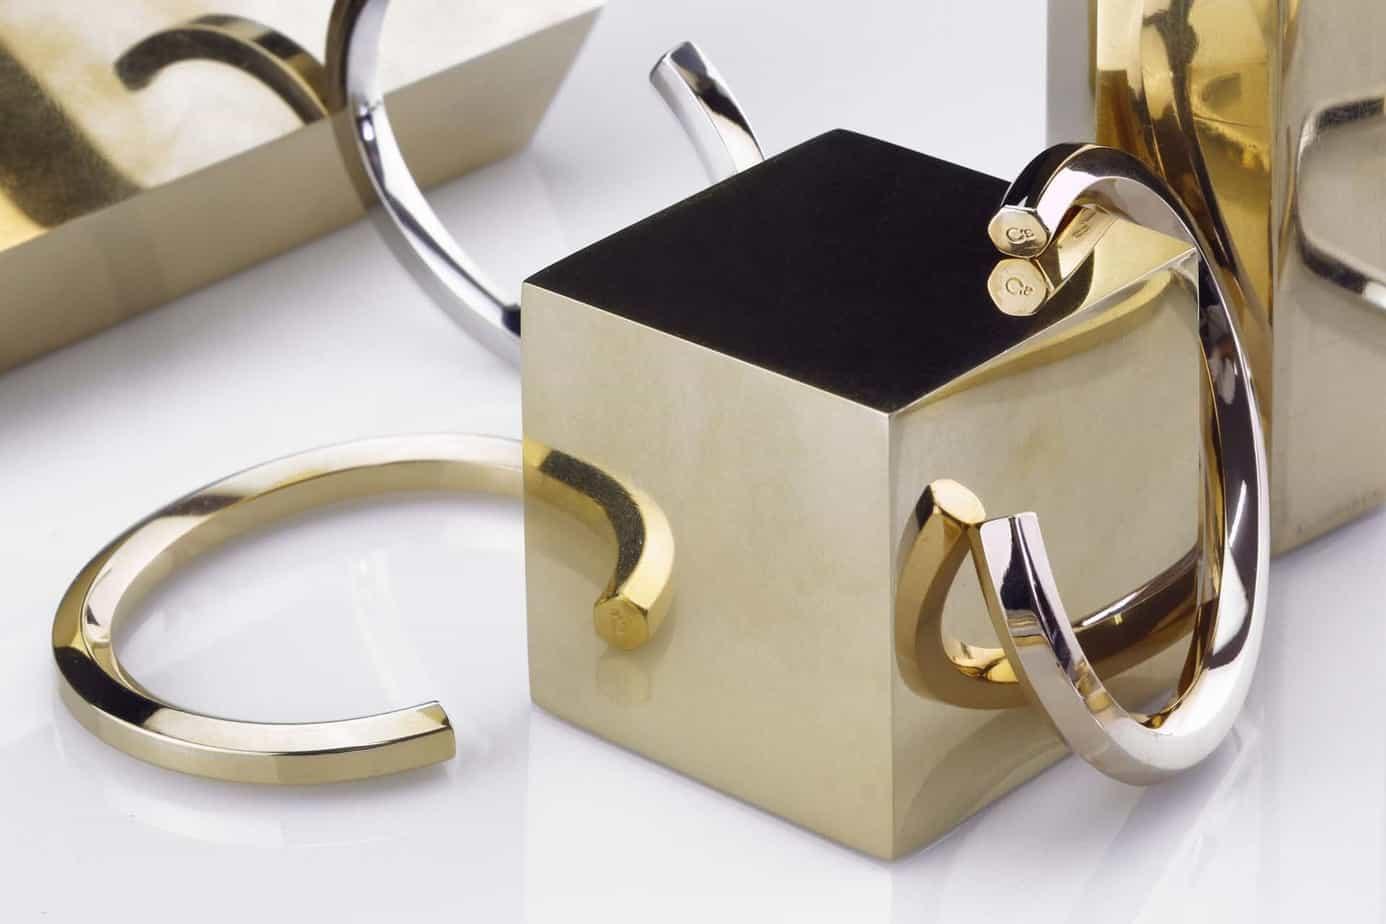 קולקציית צמידים C's cuff, צילום נייל כהן (1)